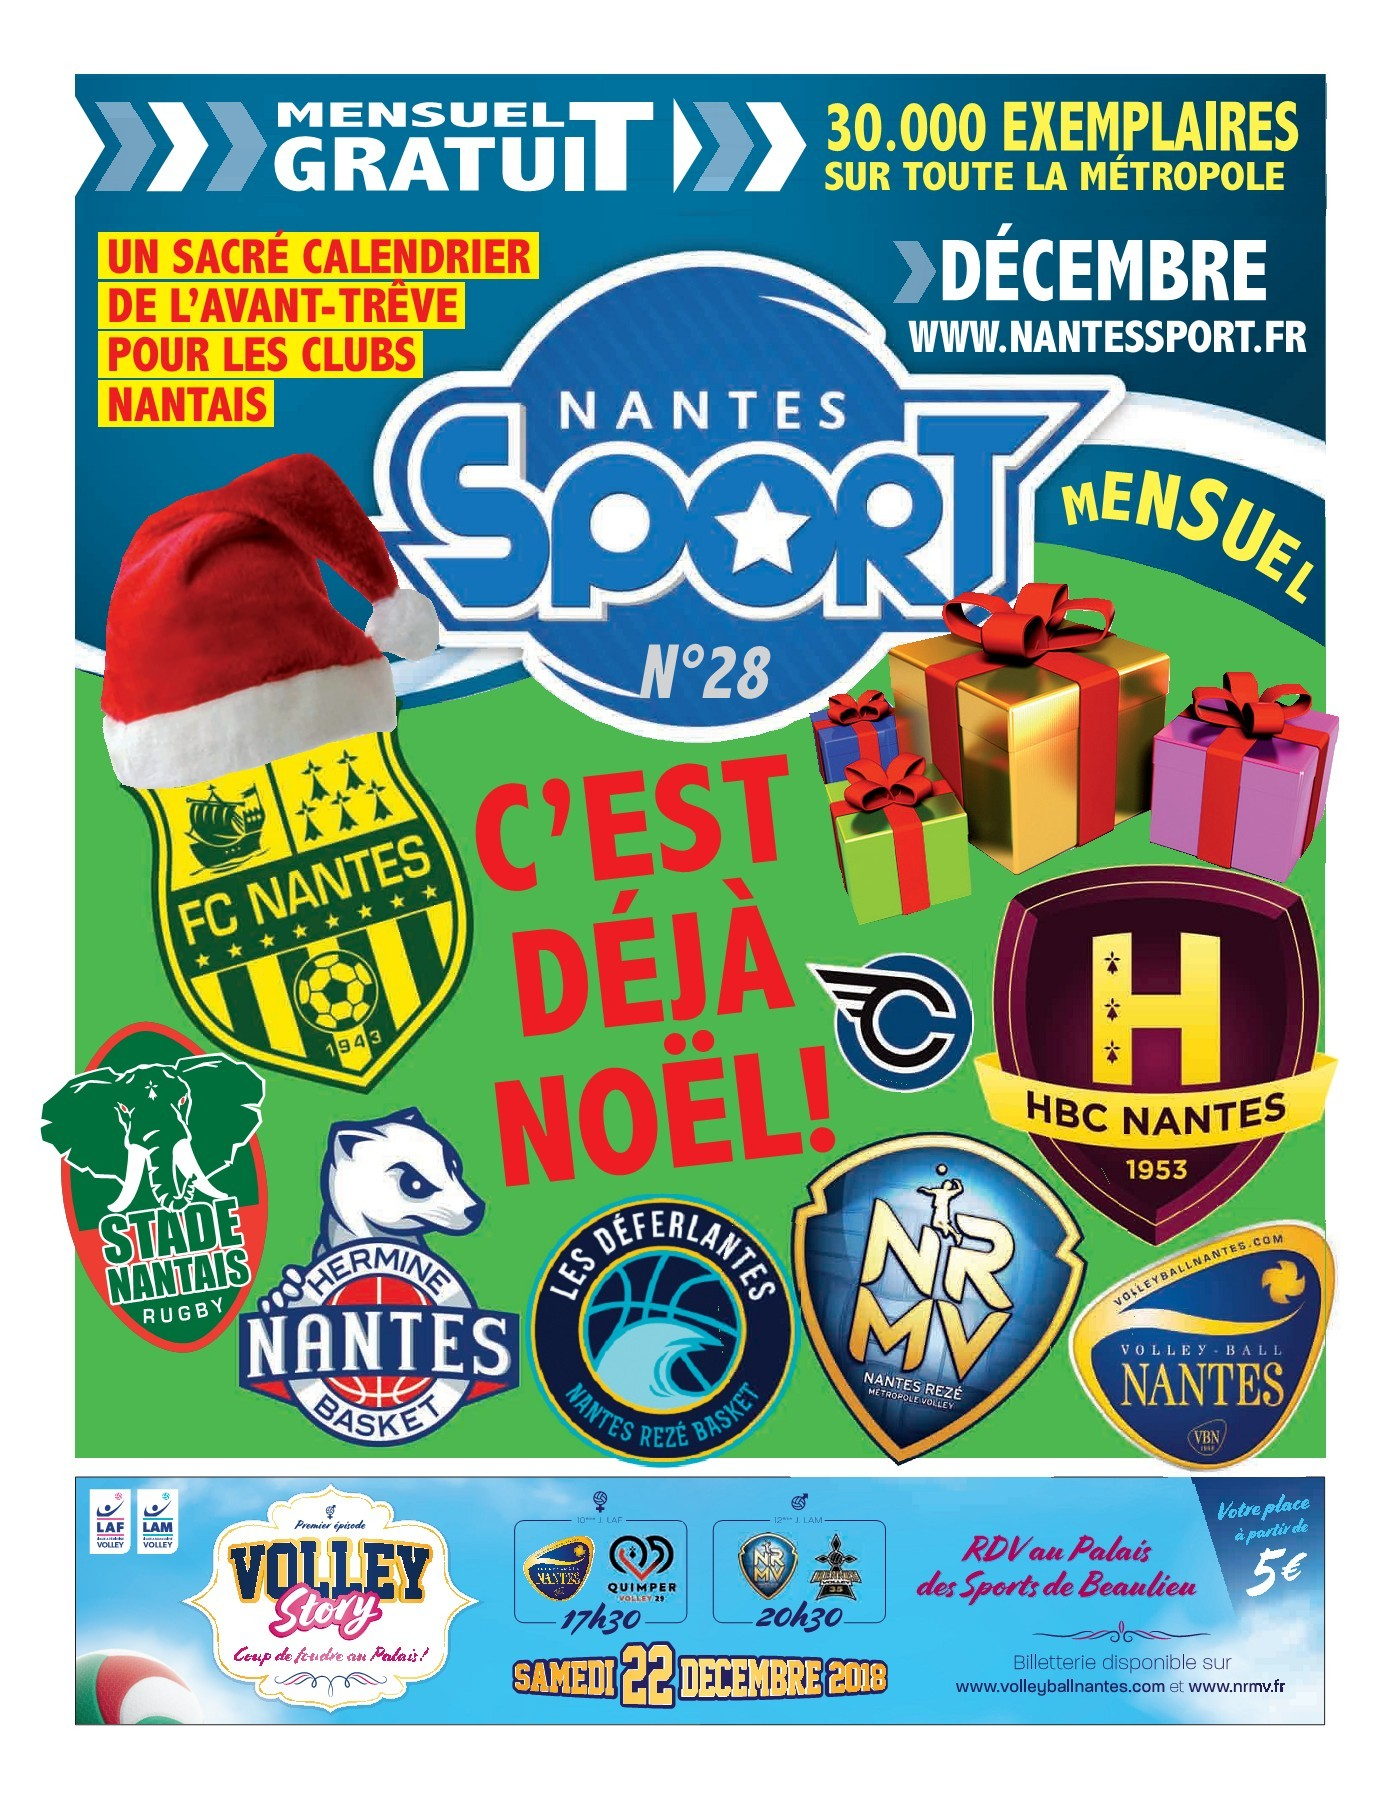 Menu De Noel Leclerc Charmant Nantes Sport 028 Pages 1 48 Text Version Of 37 Élégant Menu De Noel Leclerc